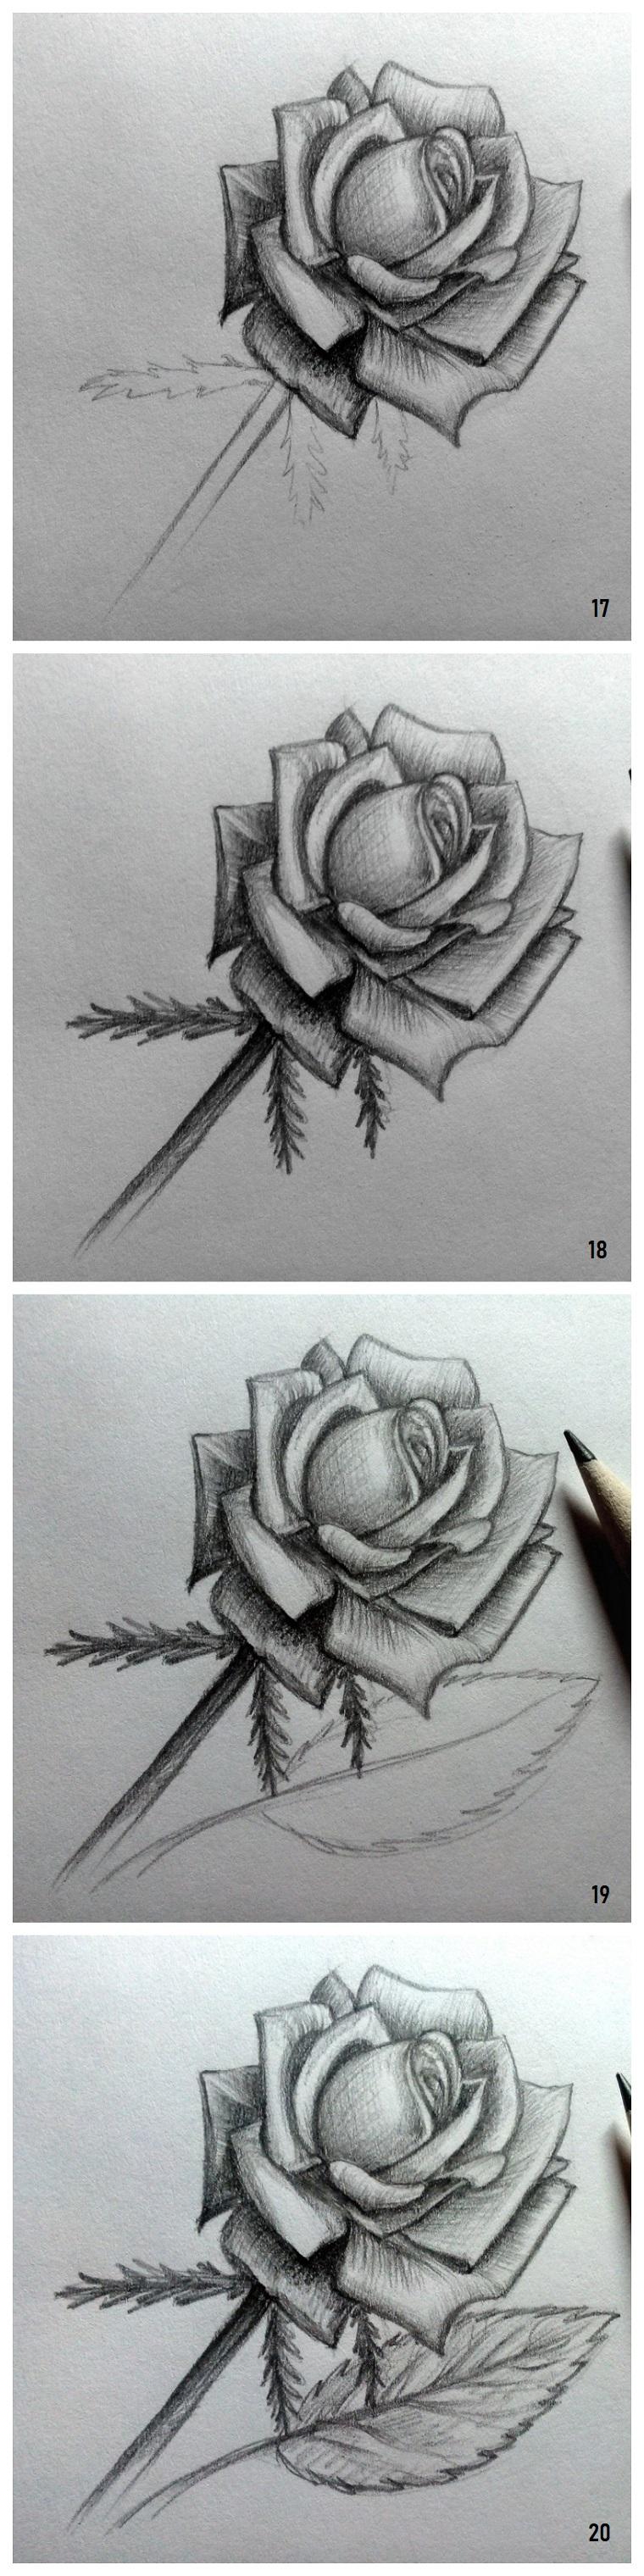 Immagini belle da disegnare, disegno di una rosa, tutorial con passaggi